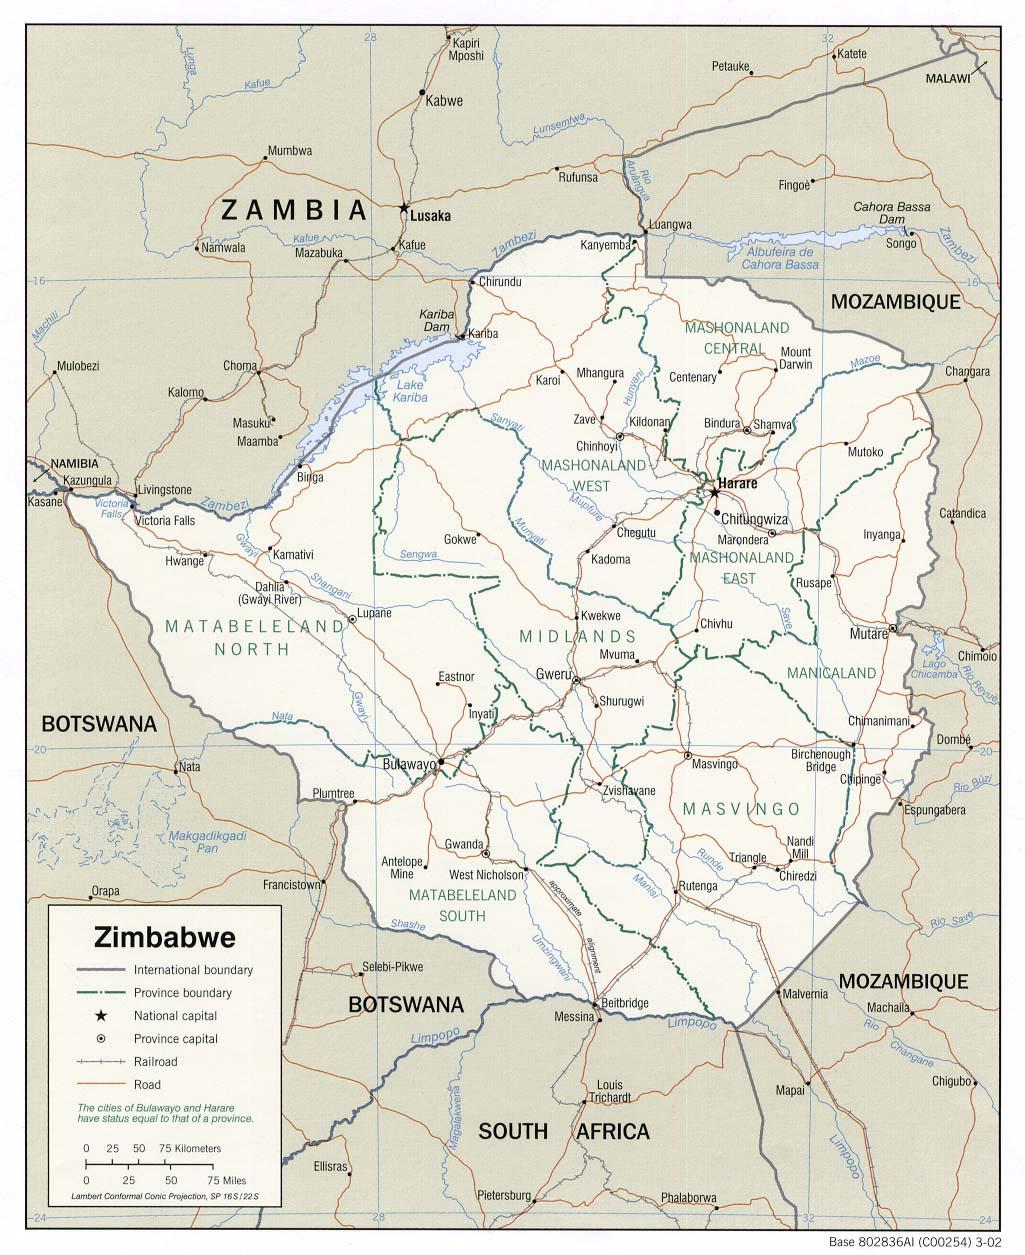 Map Of Africa Showing Zimbabwe.Zimbabwe Maps Ecoi Net